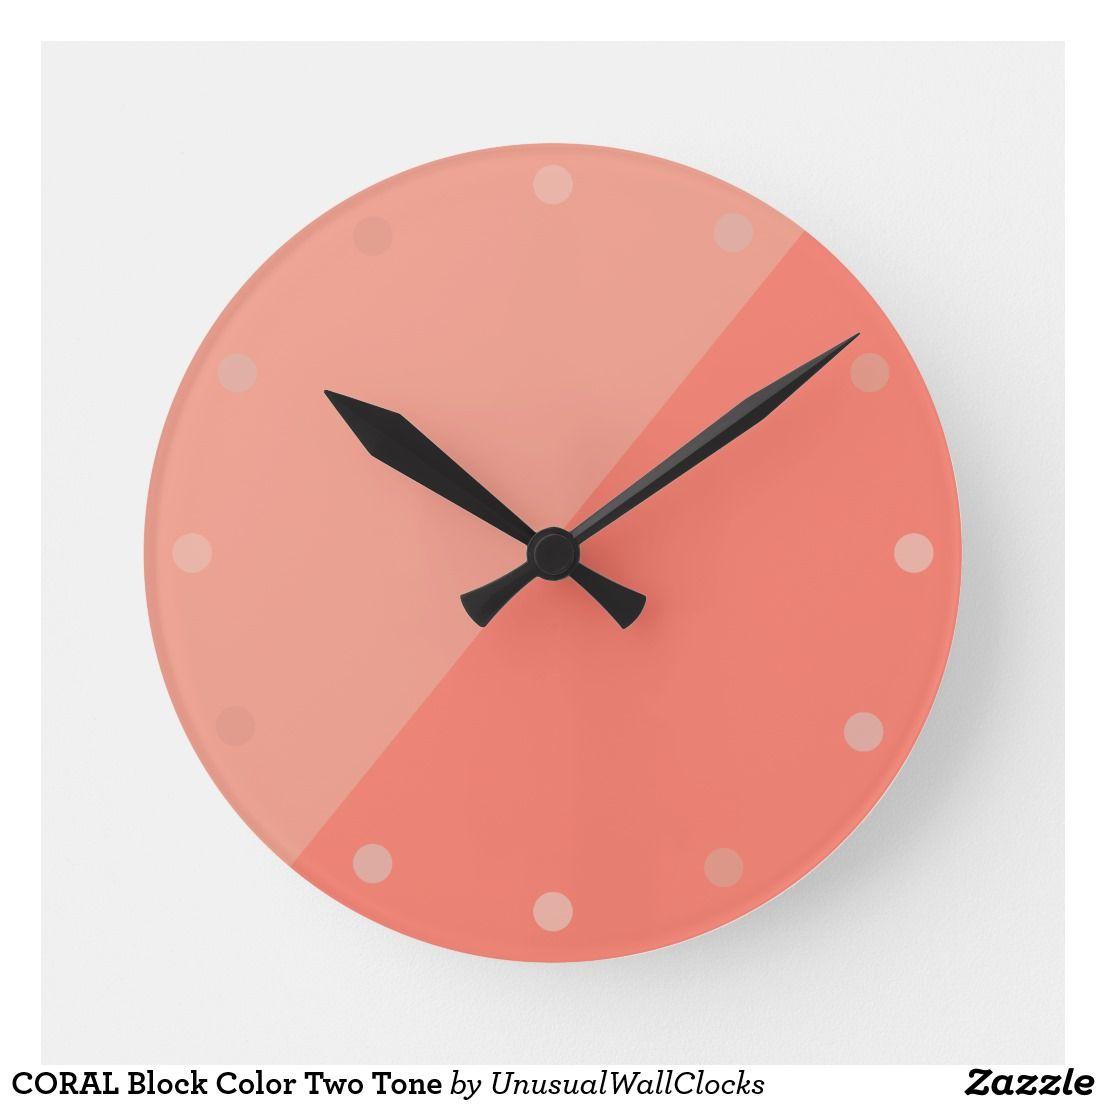 Coral Block Color Two Tone Round Clock Zazzle Com In 2020 Clock Wall Clock Blush Walls